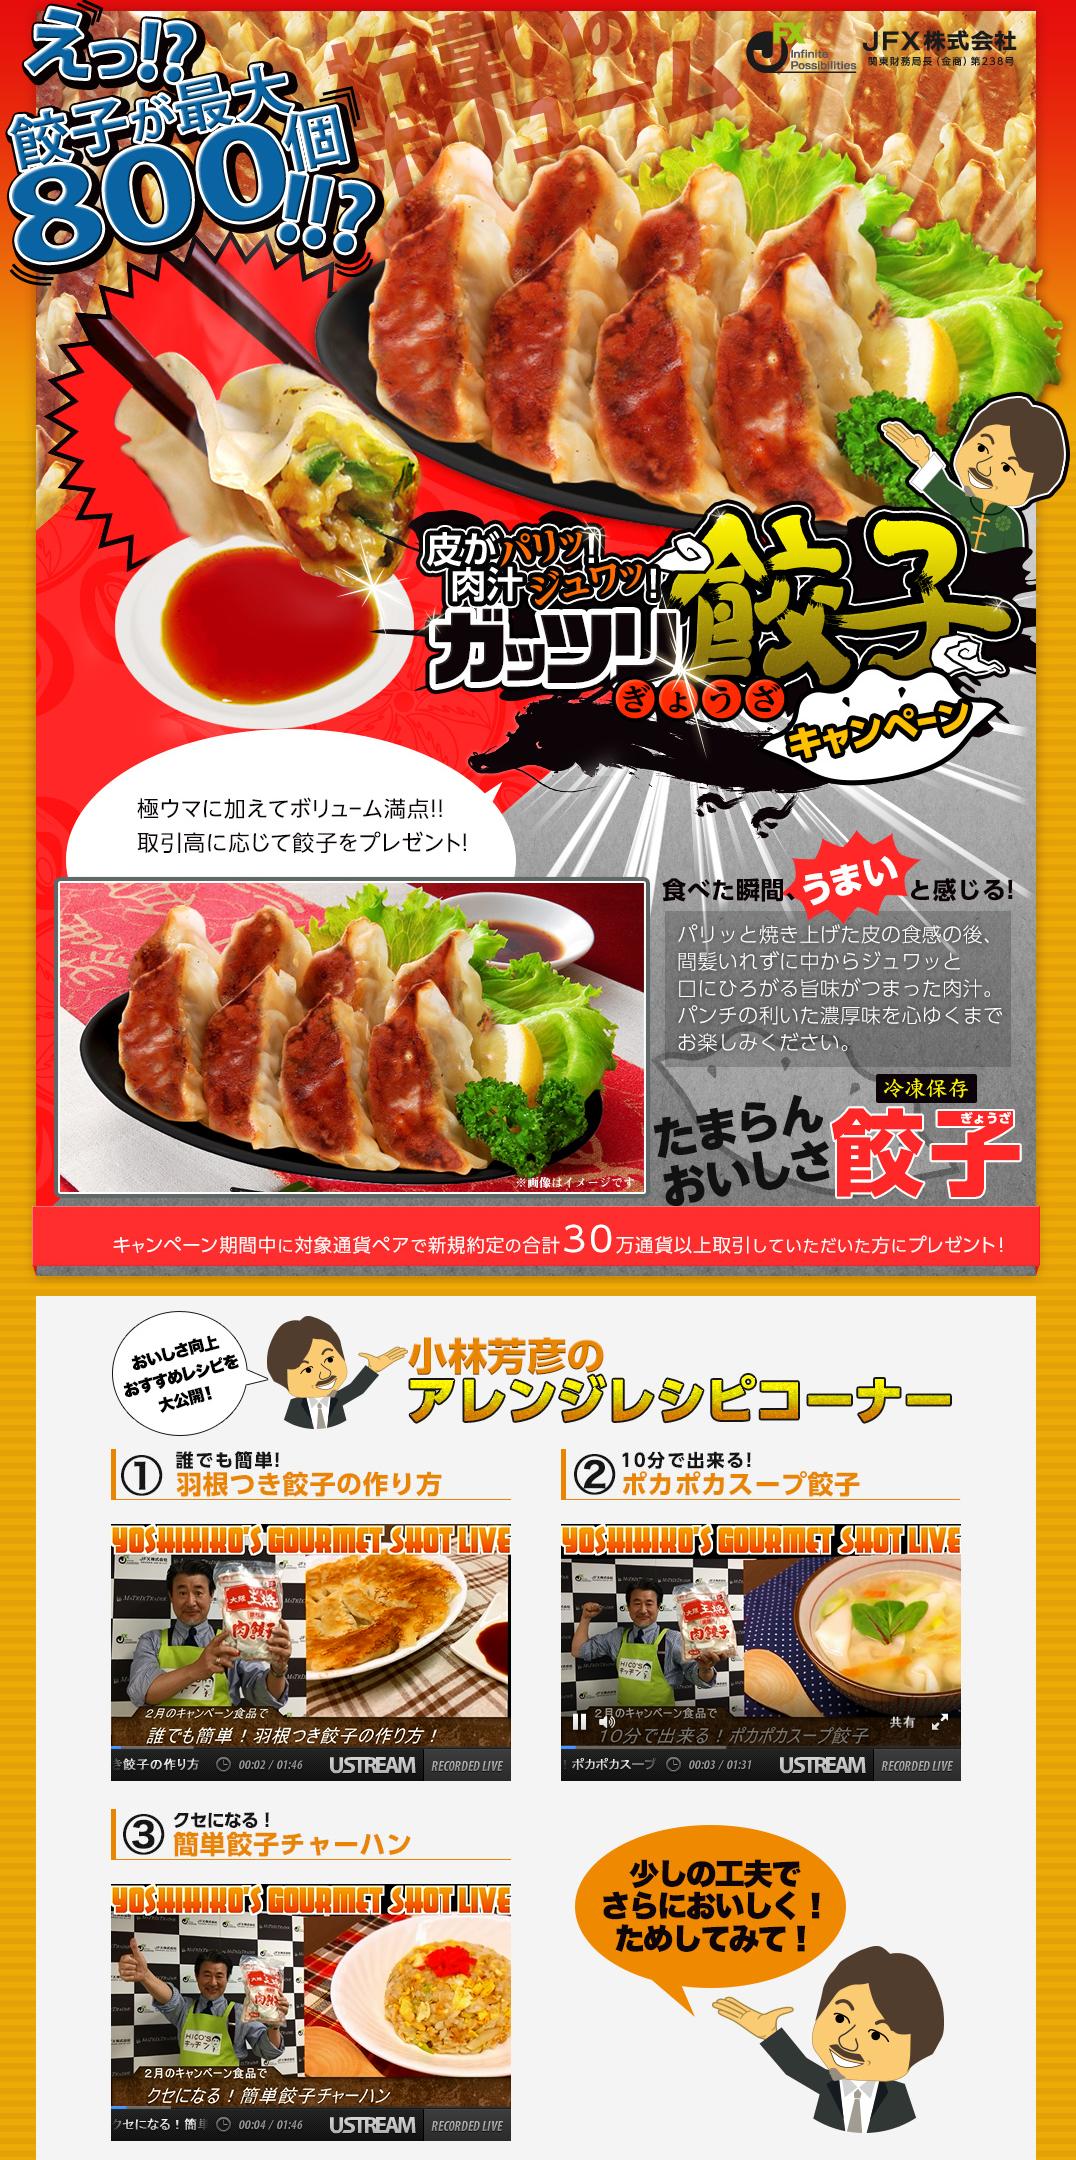 皮がパリッ!肉汁ジュワッ!ガッツリ餃子キャンペーン!